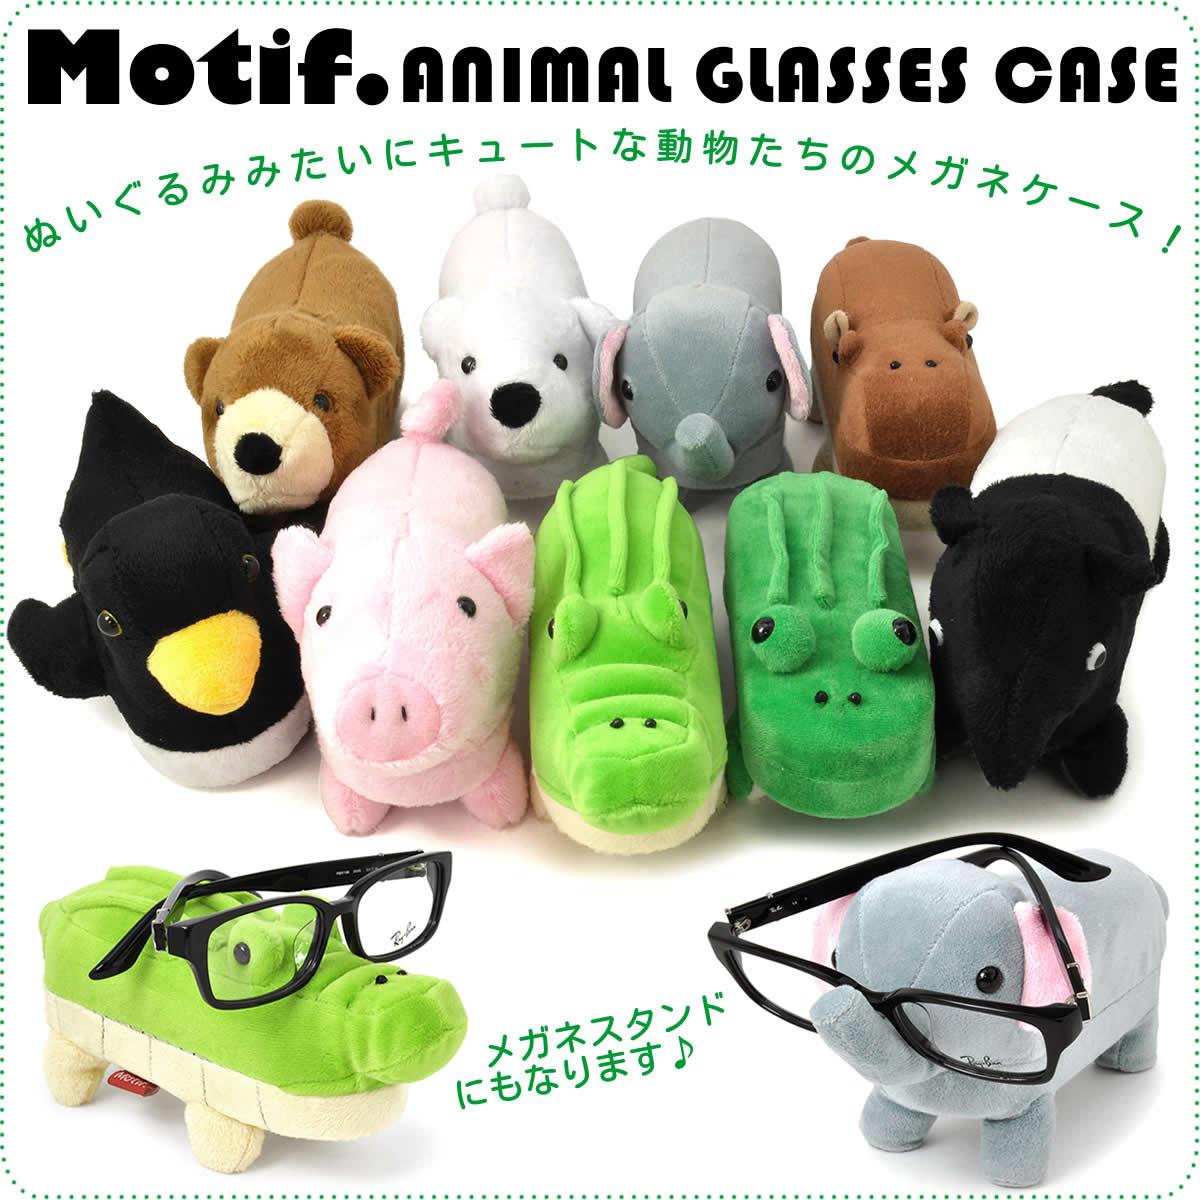 """到""""乐天大小感恩节""""点数最大的35倍的12月22日星期四1:59 Motif. 动物眼镜情况动物型的可爱的眼镜情况"""